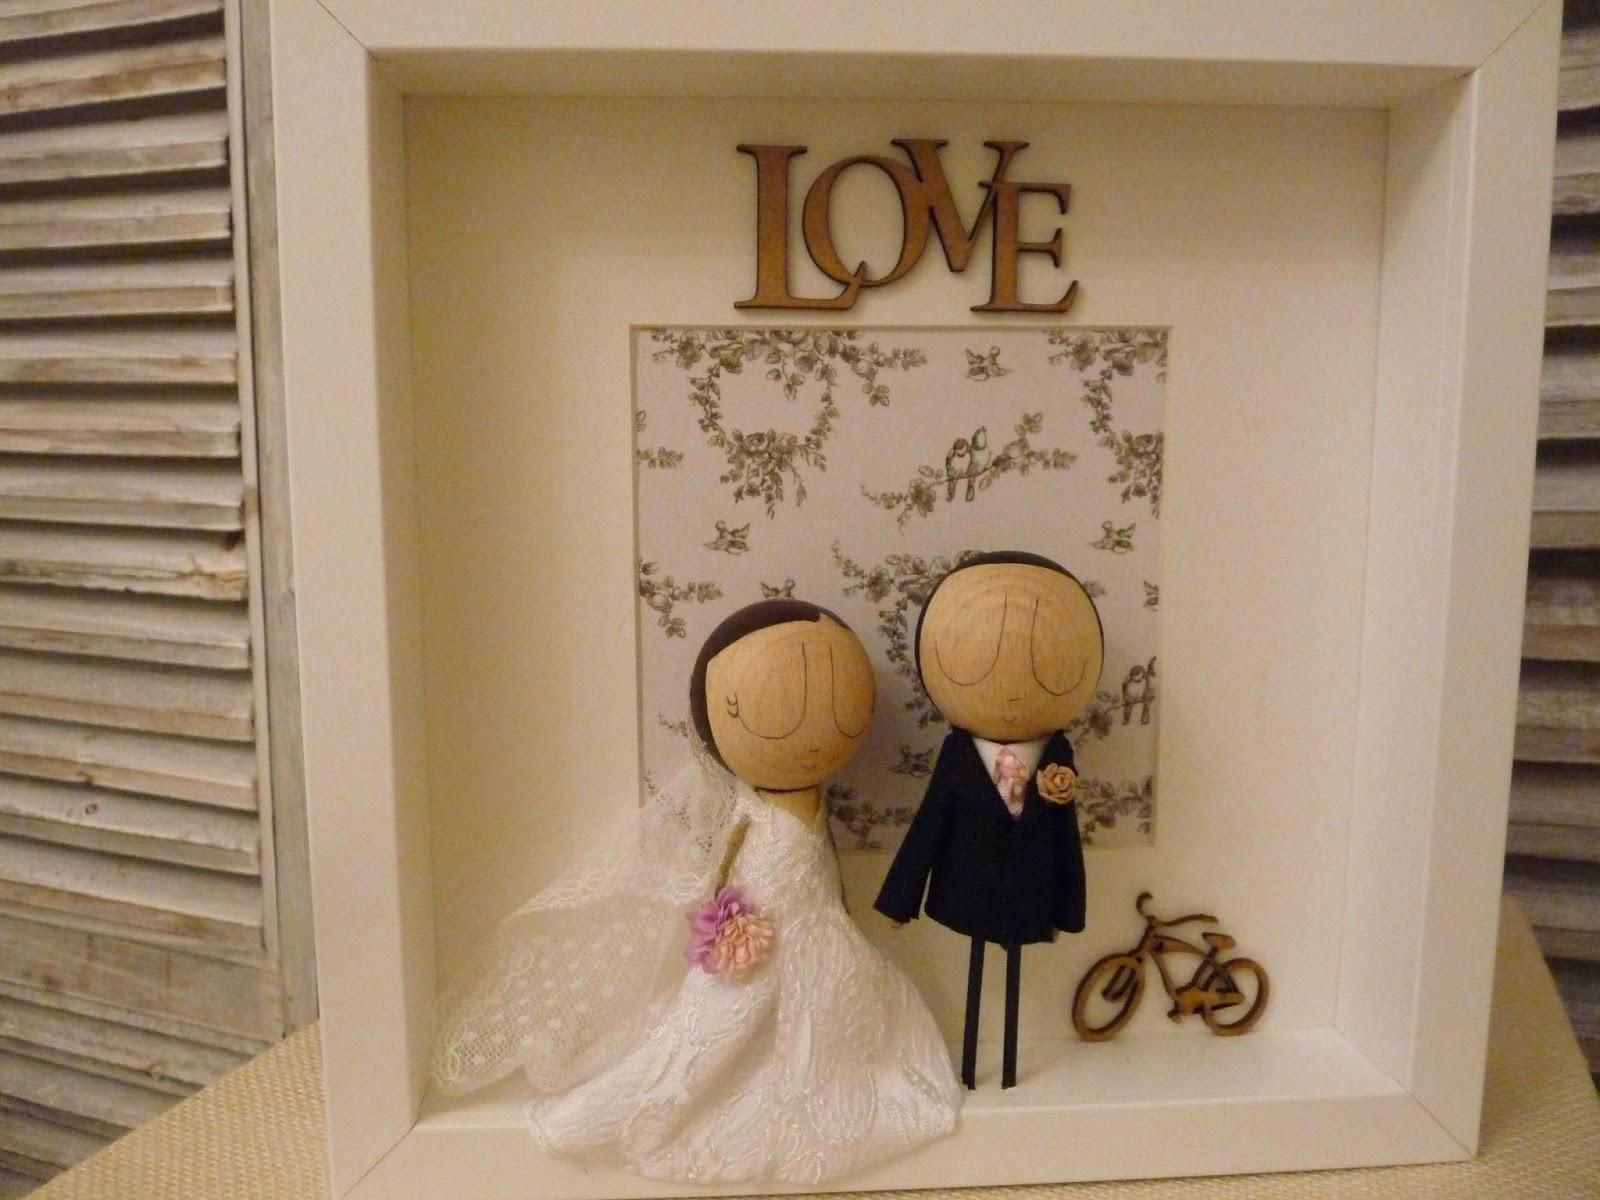 novios personalizados, pronovias, topper cake, novios de pastel, pastel de bodas, novios pastel personalizados, bodas 2015, nos casamos